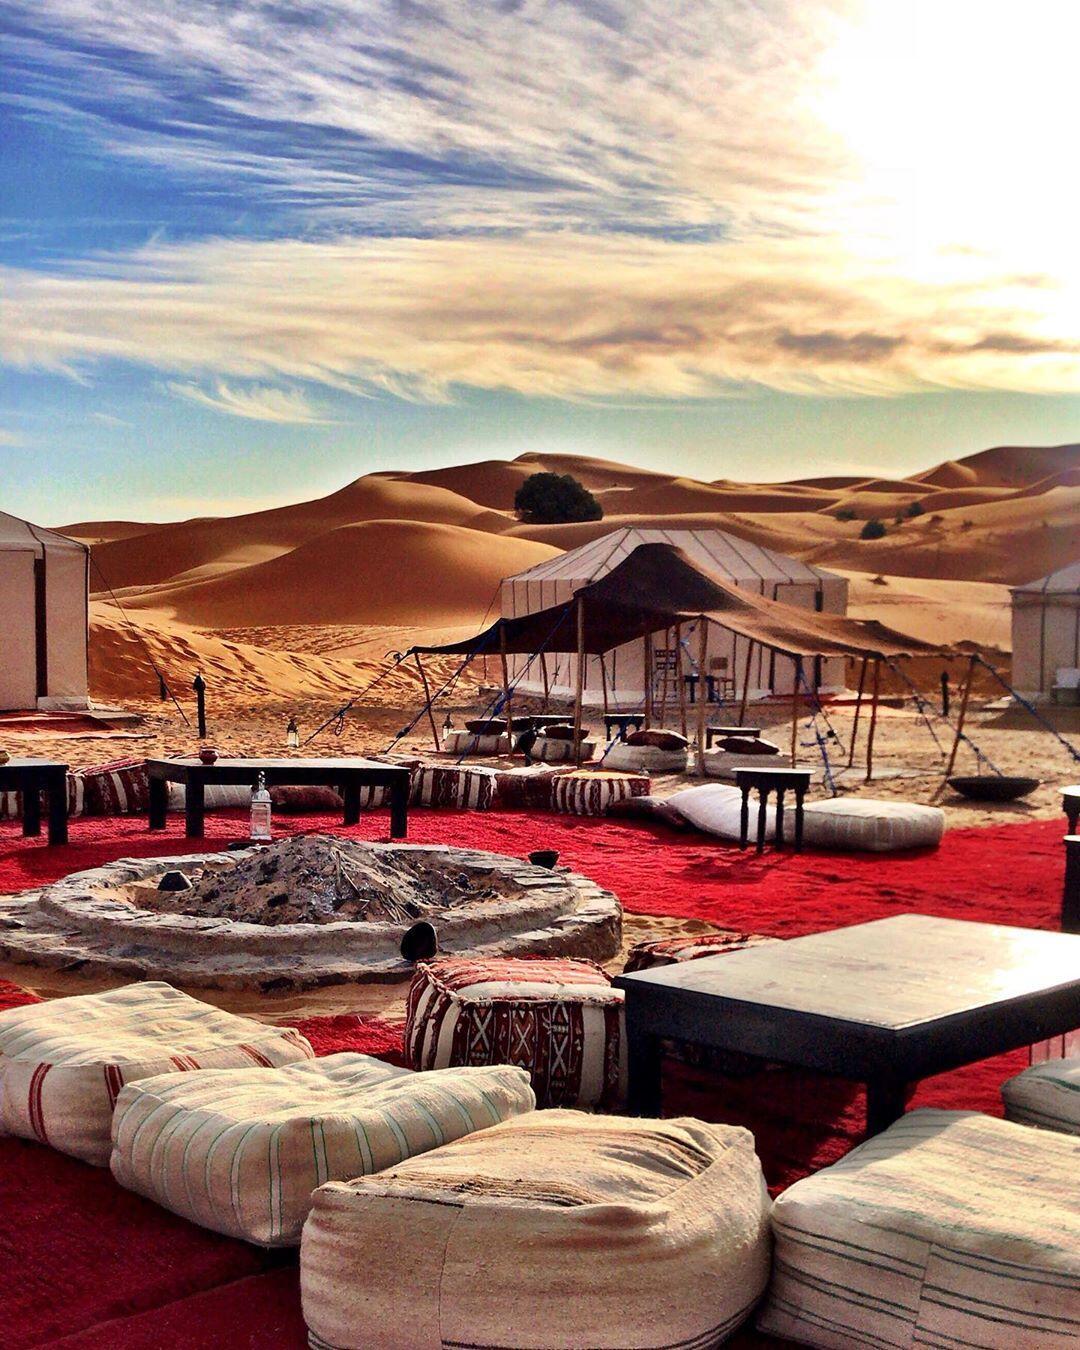 Con il nostro tour itinerario Marrocco 8 giorni esploreremo il deserto del Sahara di Merzouga